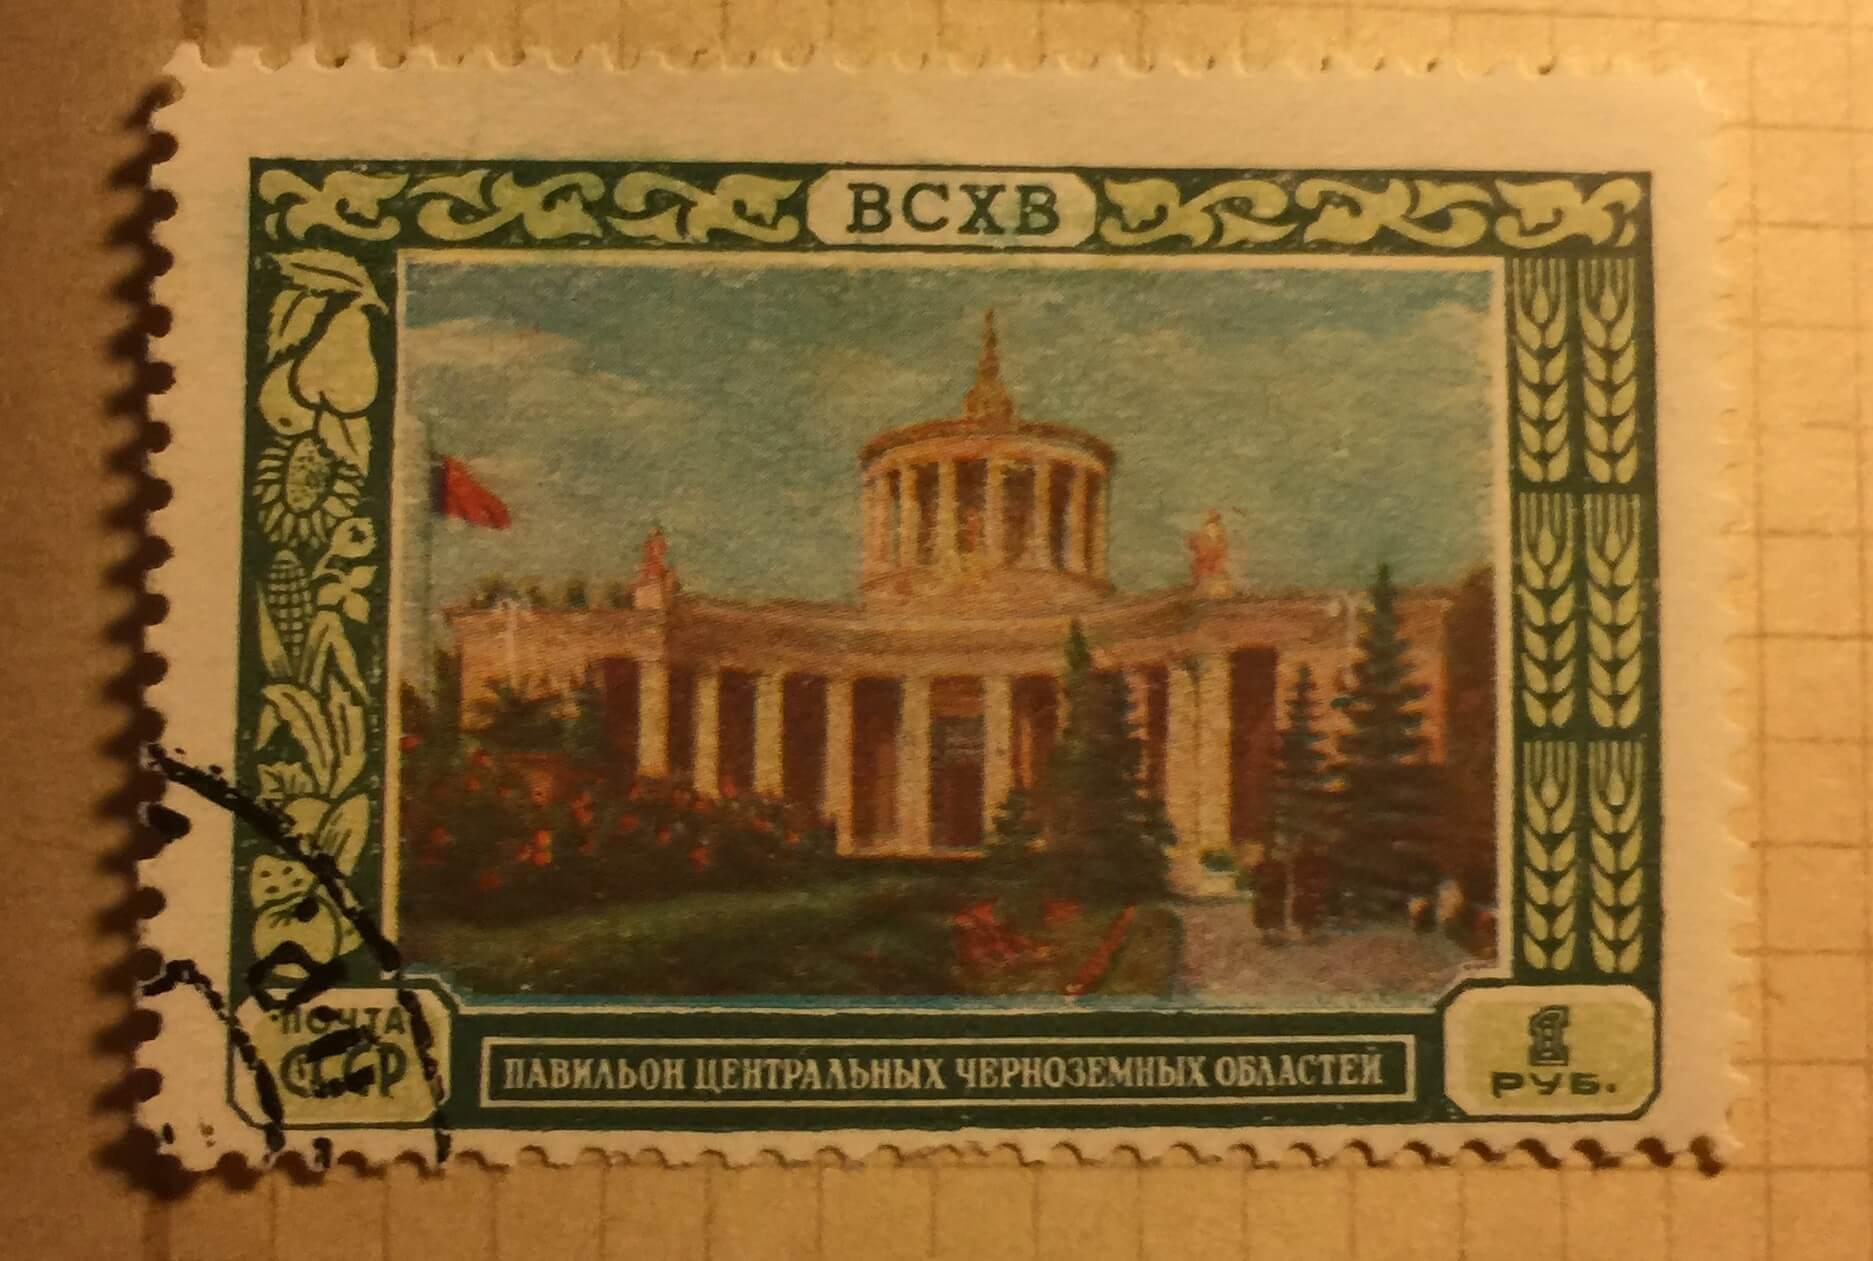 Купить почтовую марку СССР Павильон Центральные черноземные области ... 45656b0a2a647